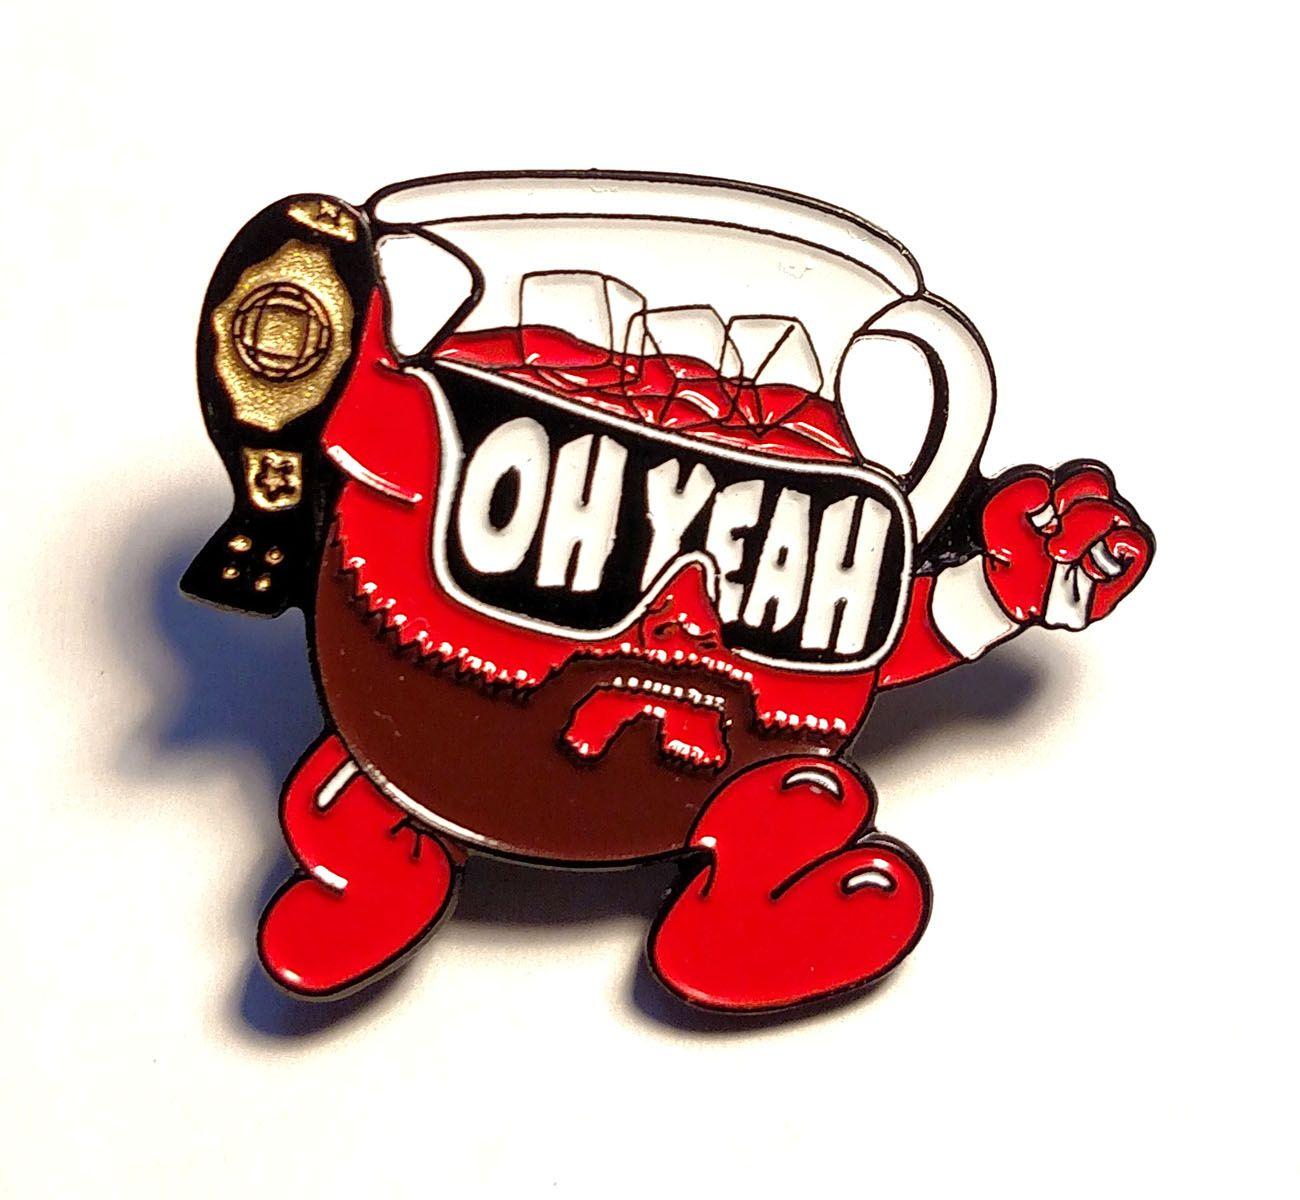 Kool Macho (enamel pin) from BxE Buttons X StaciaMade